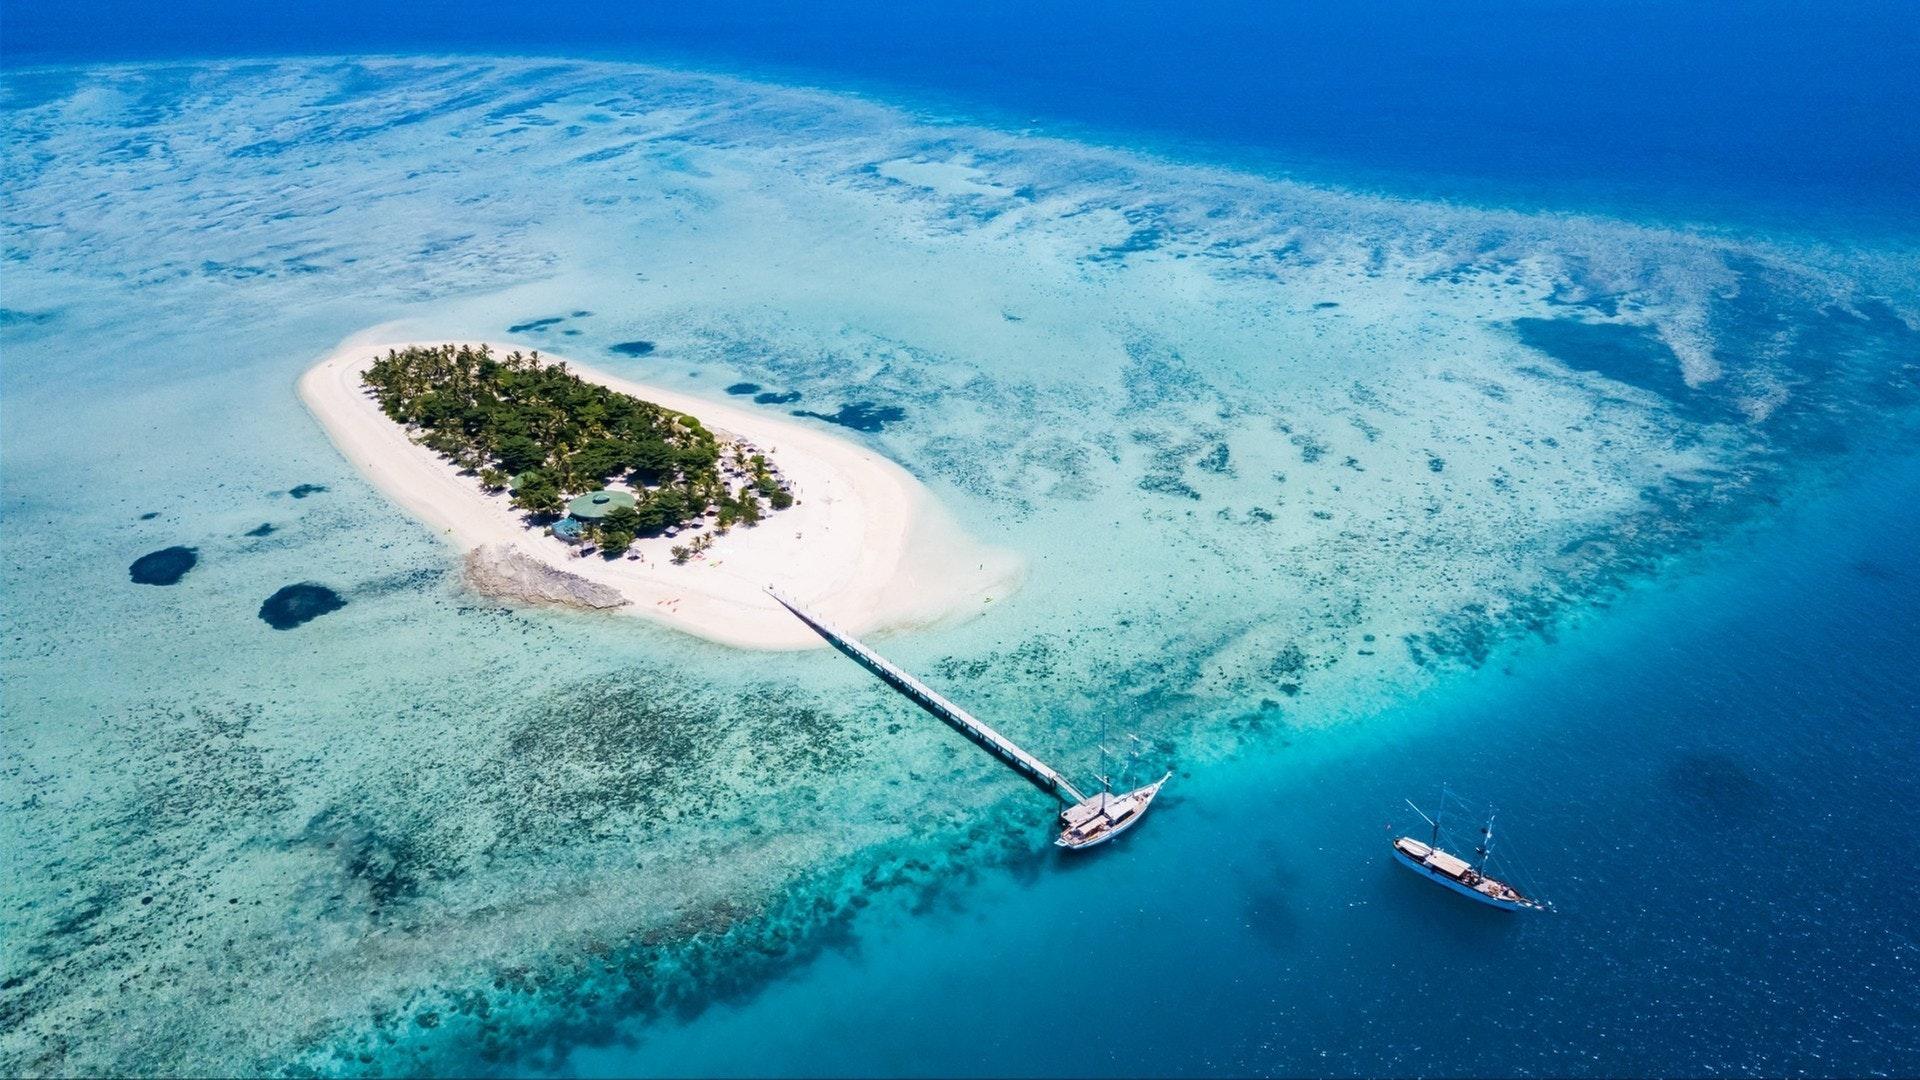 ティヴア島 (フィジー諸島)